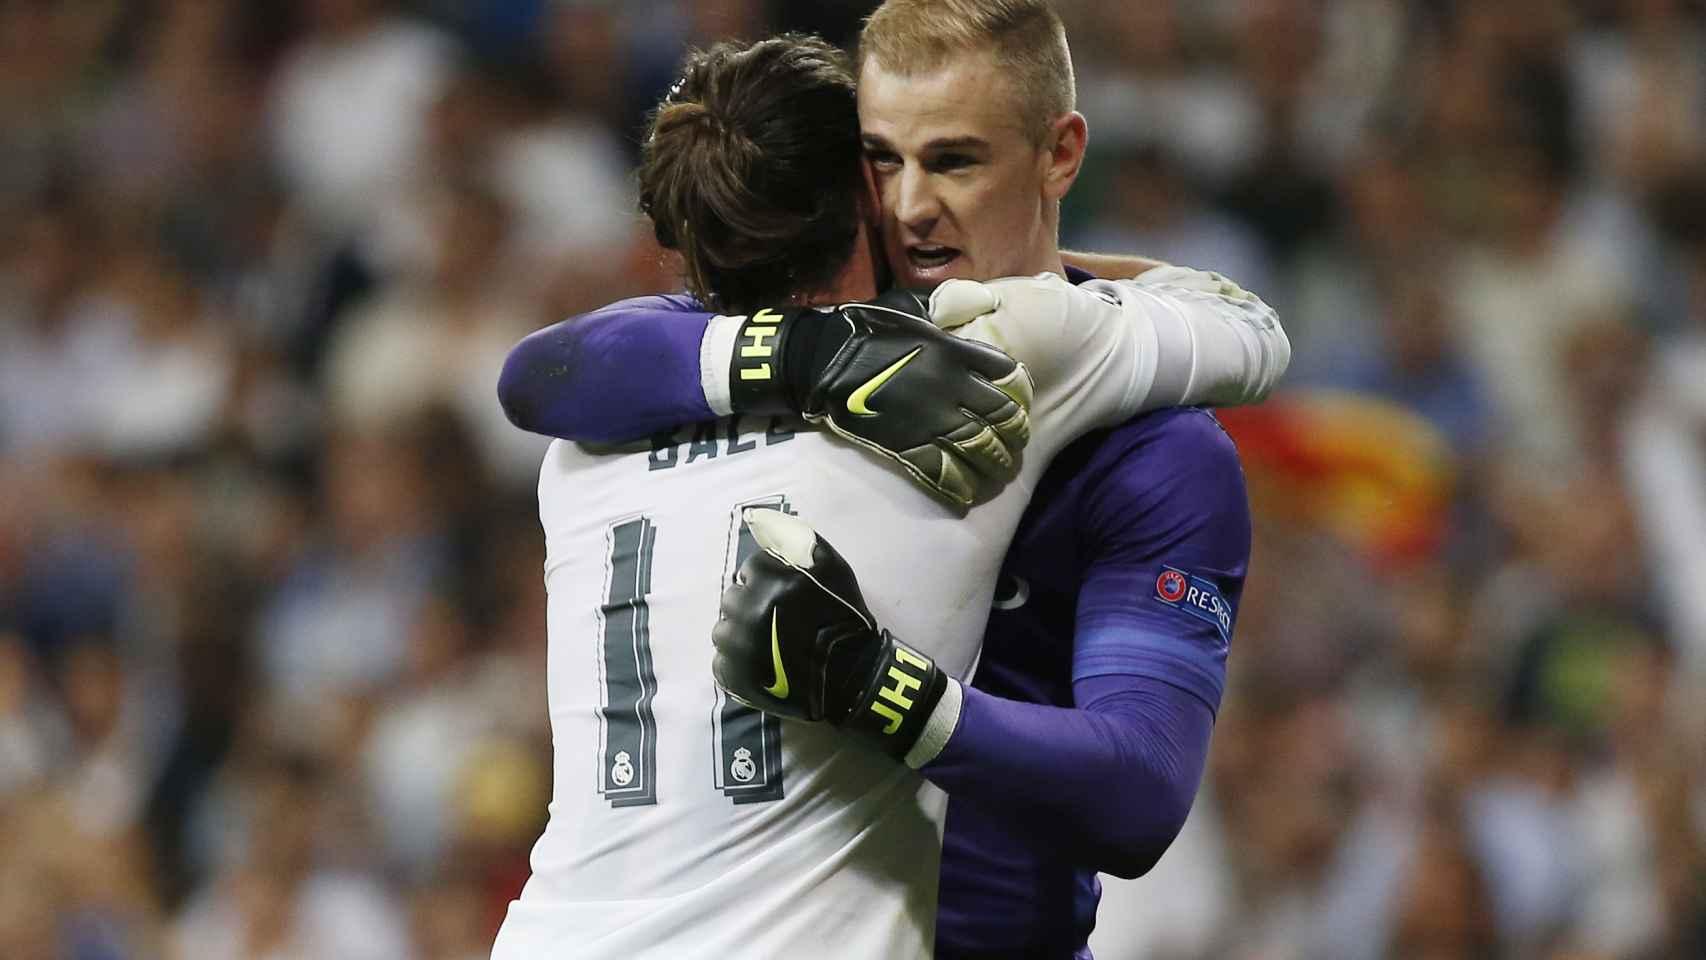 Bale consuela a Hart tras el partido.